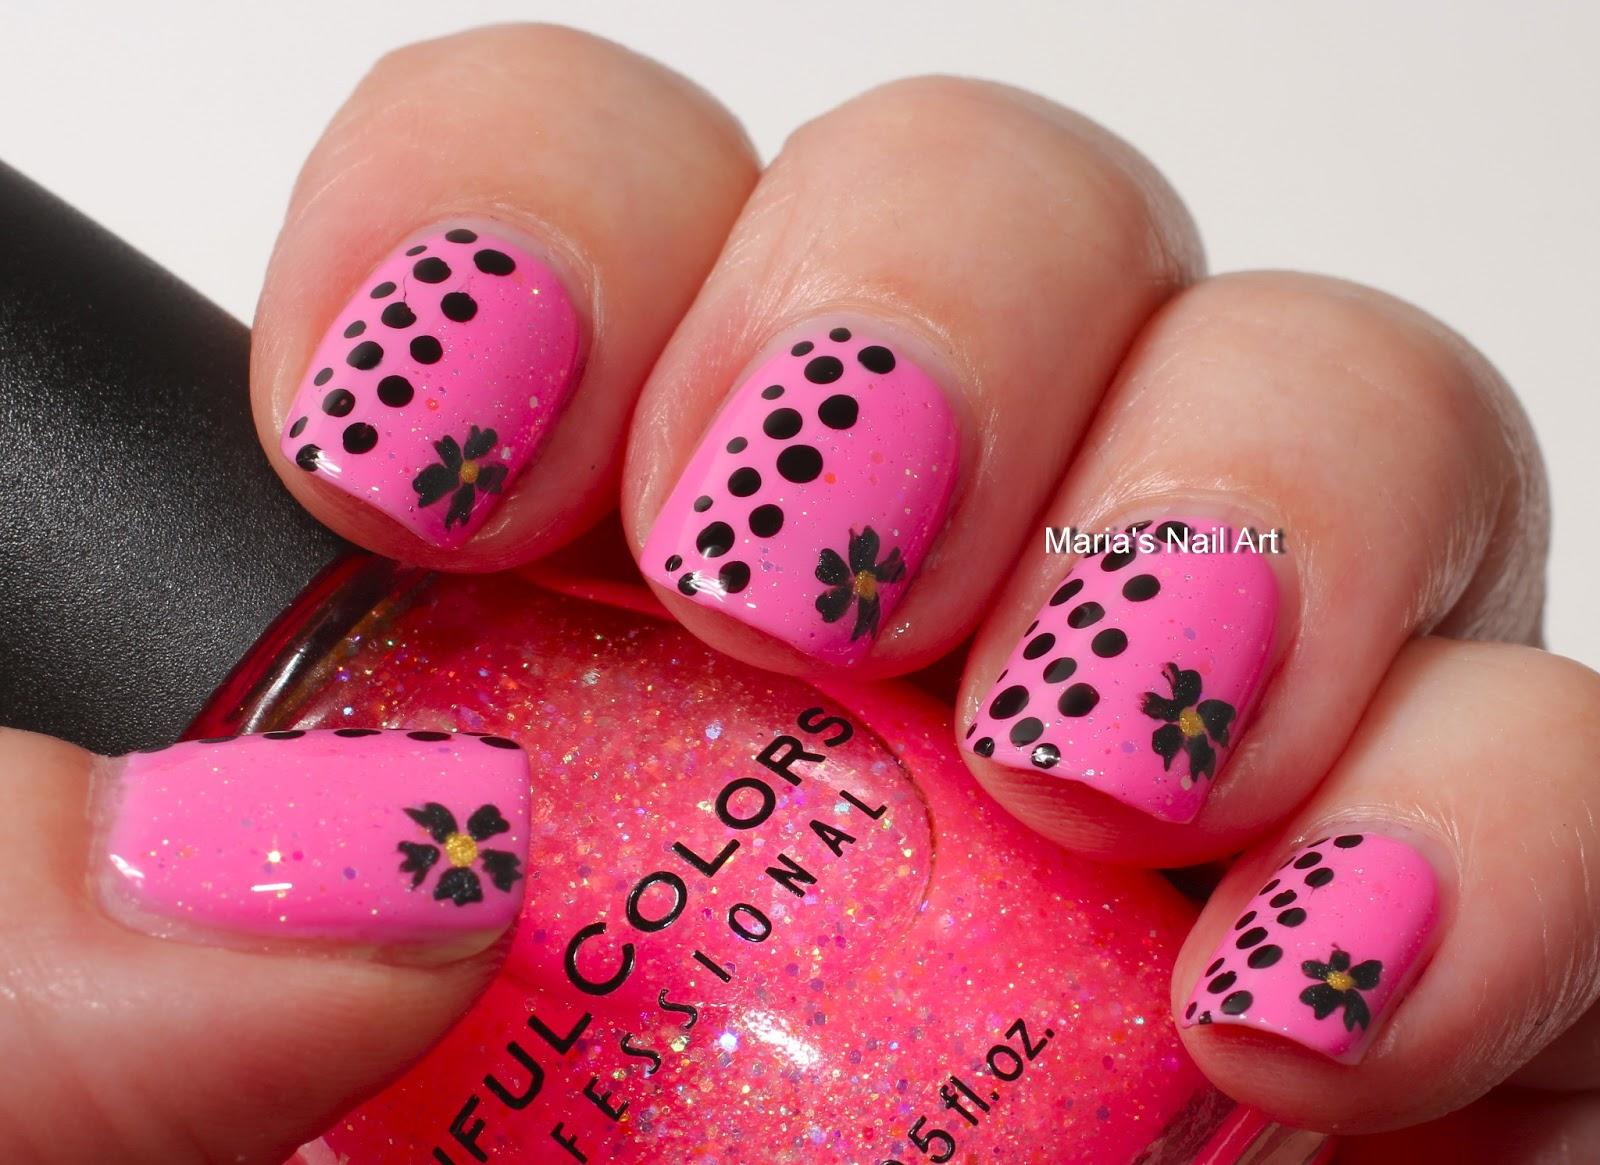 Marias Nail Art And Polish Blog Pink Glitter Dots The